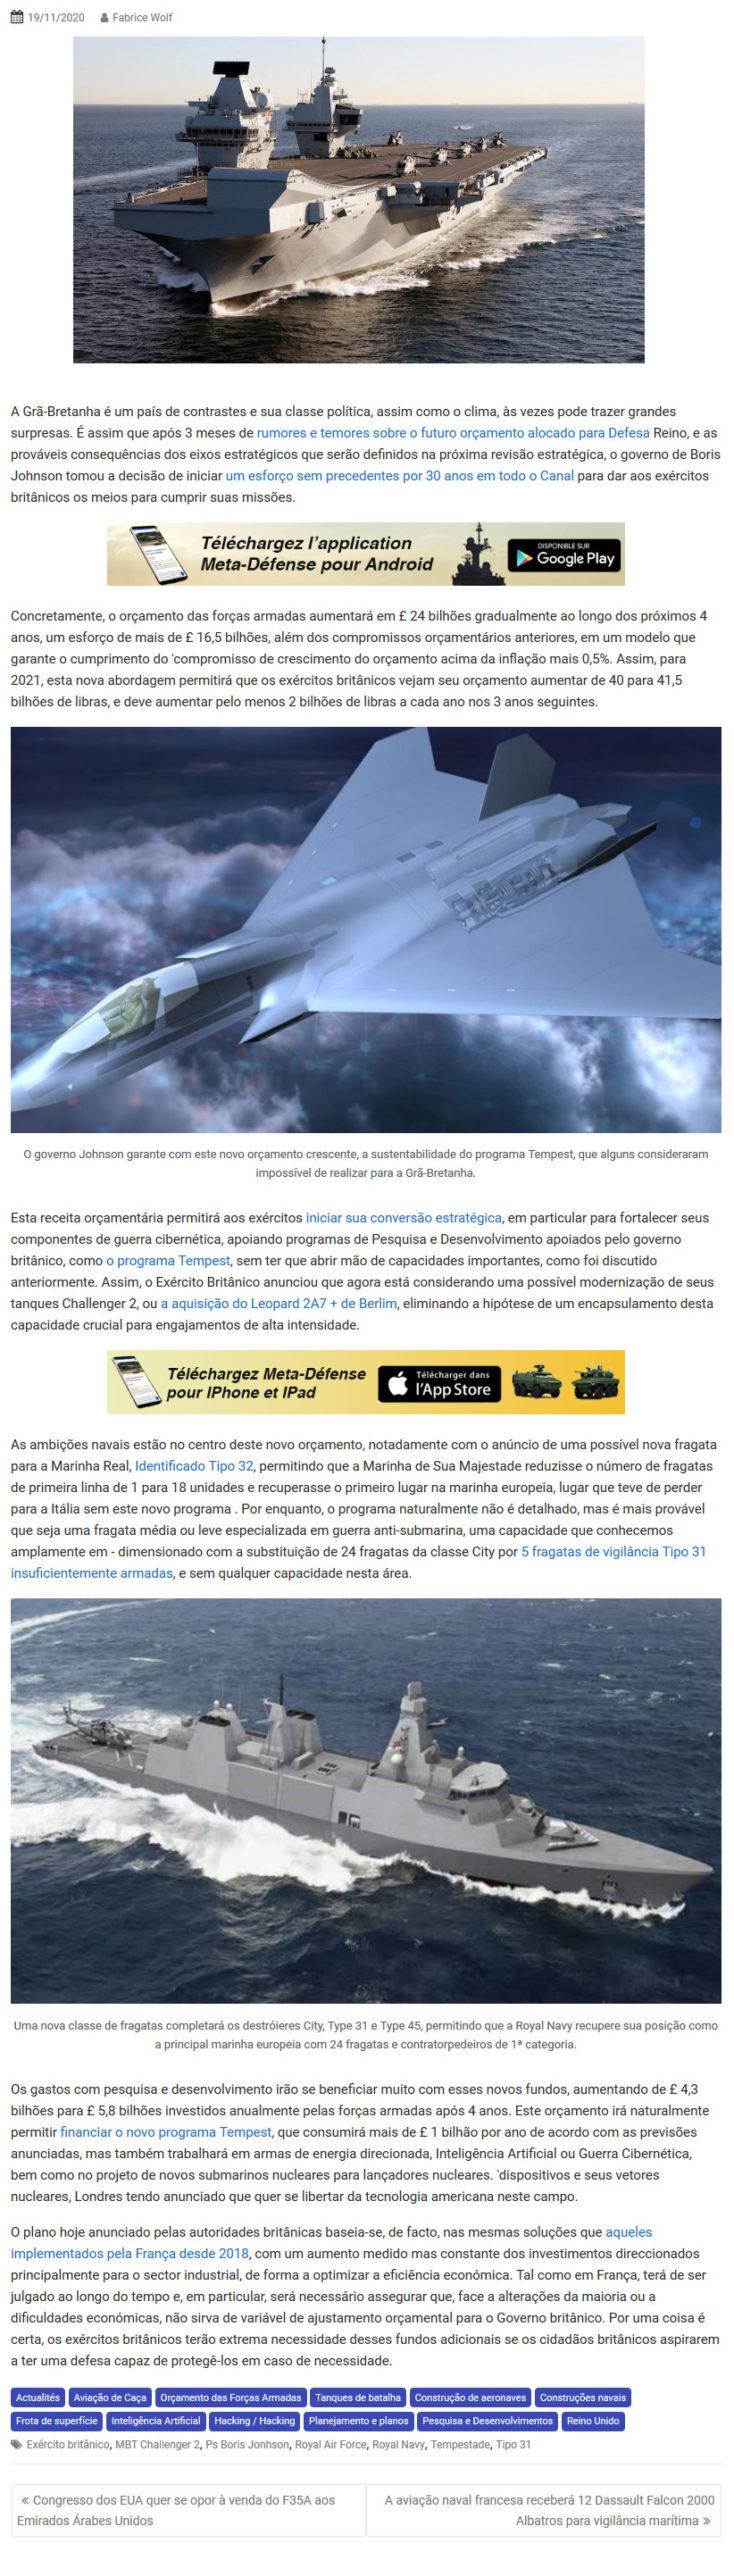 Screenshot_2020-11-21 A Defesa Britânica verá seu orçamento crescer £ 24 bilhões nos próximos 4 anos - Meta-Defense fr.jpg